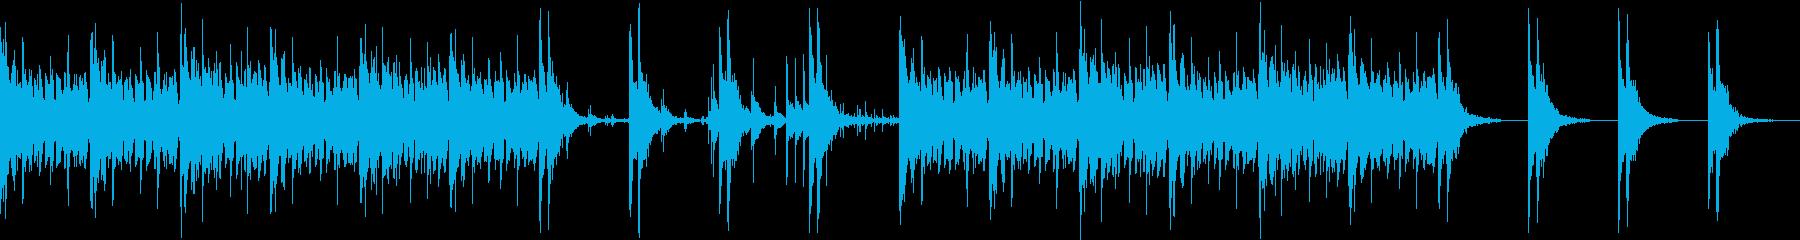 三味線のロック ミドルテンポの再生済みの波形